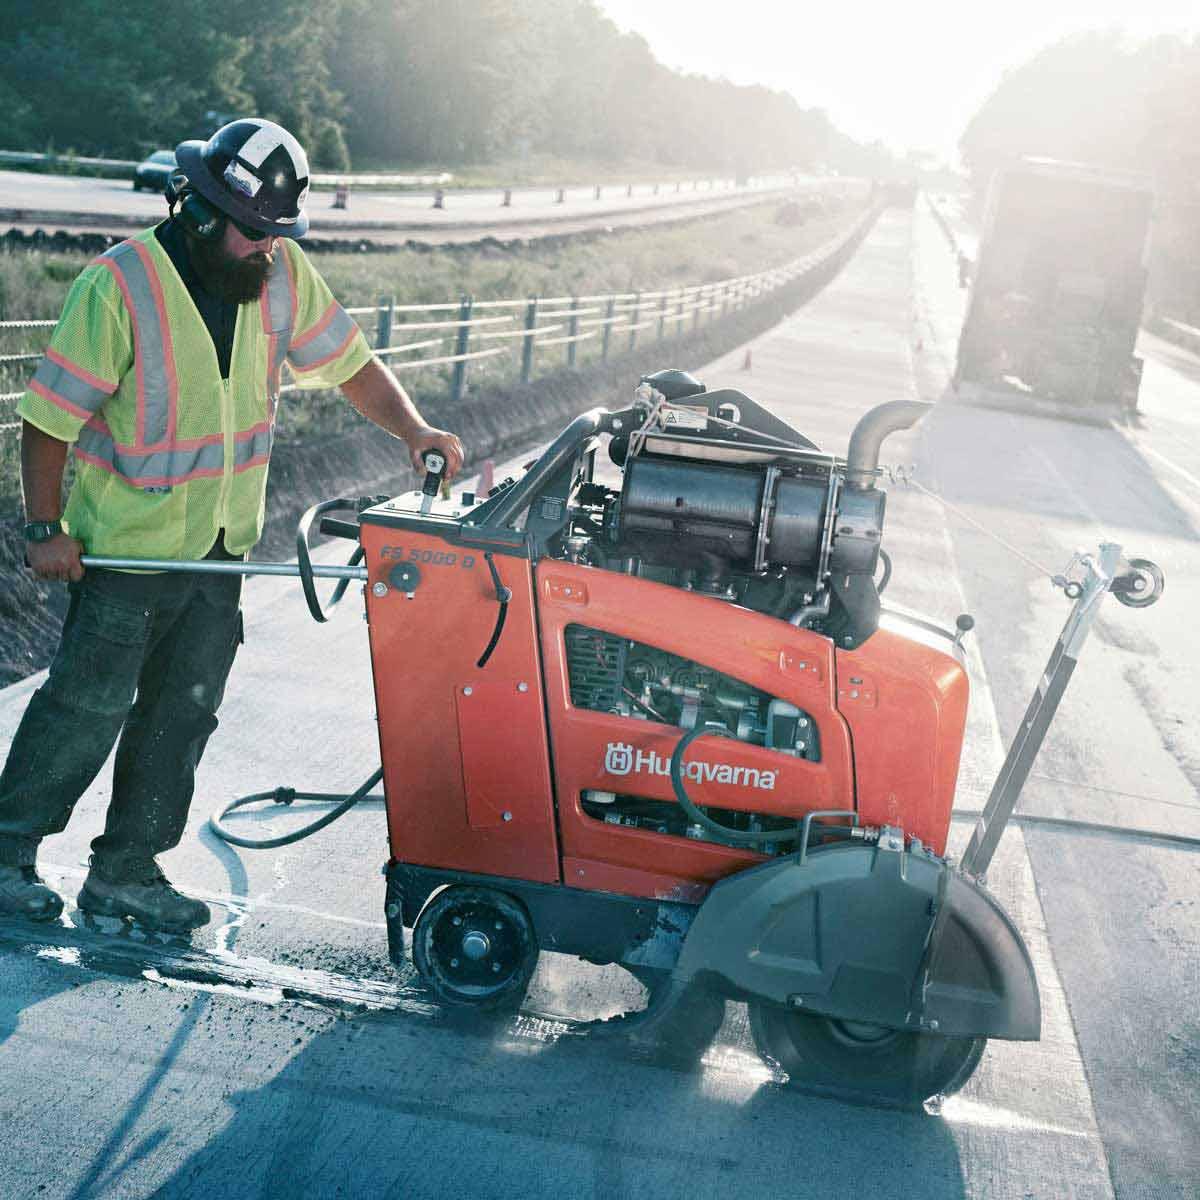 Husqvarna FS 5000 D asphalt sawing